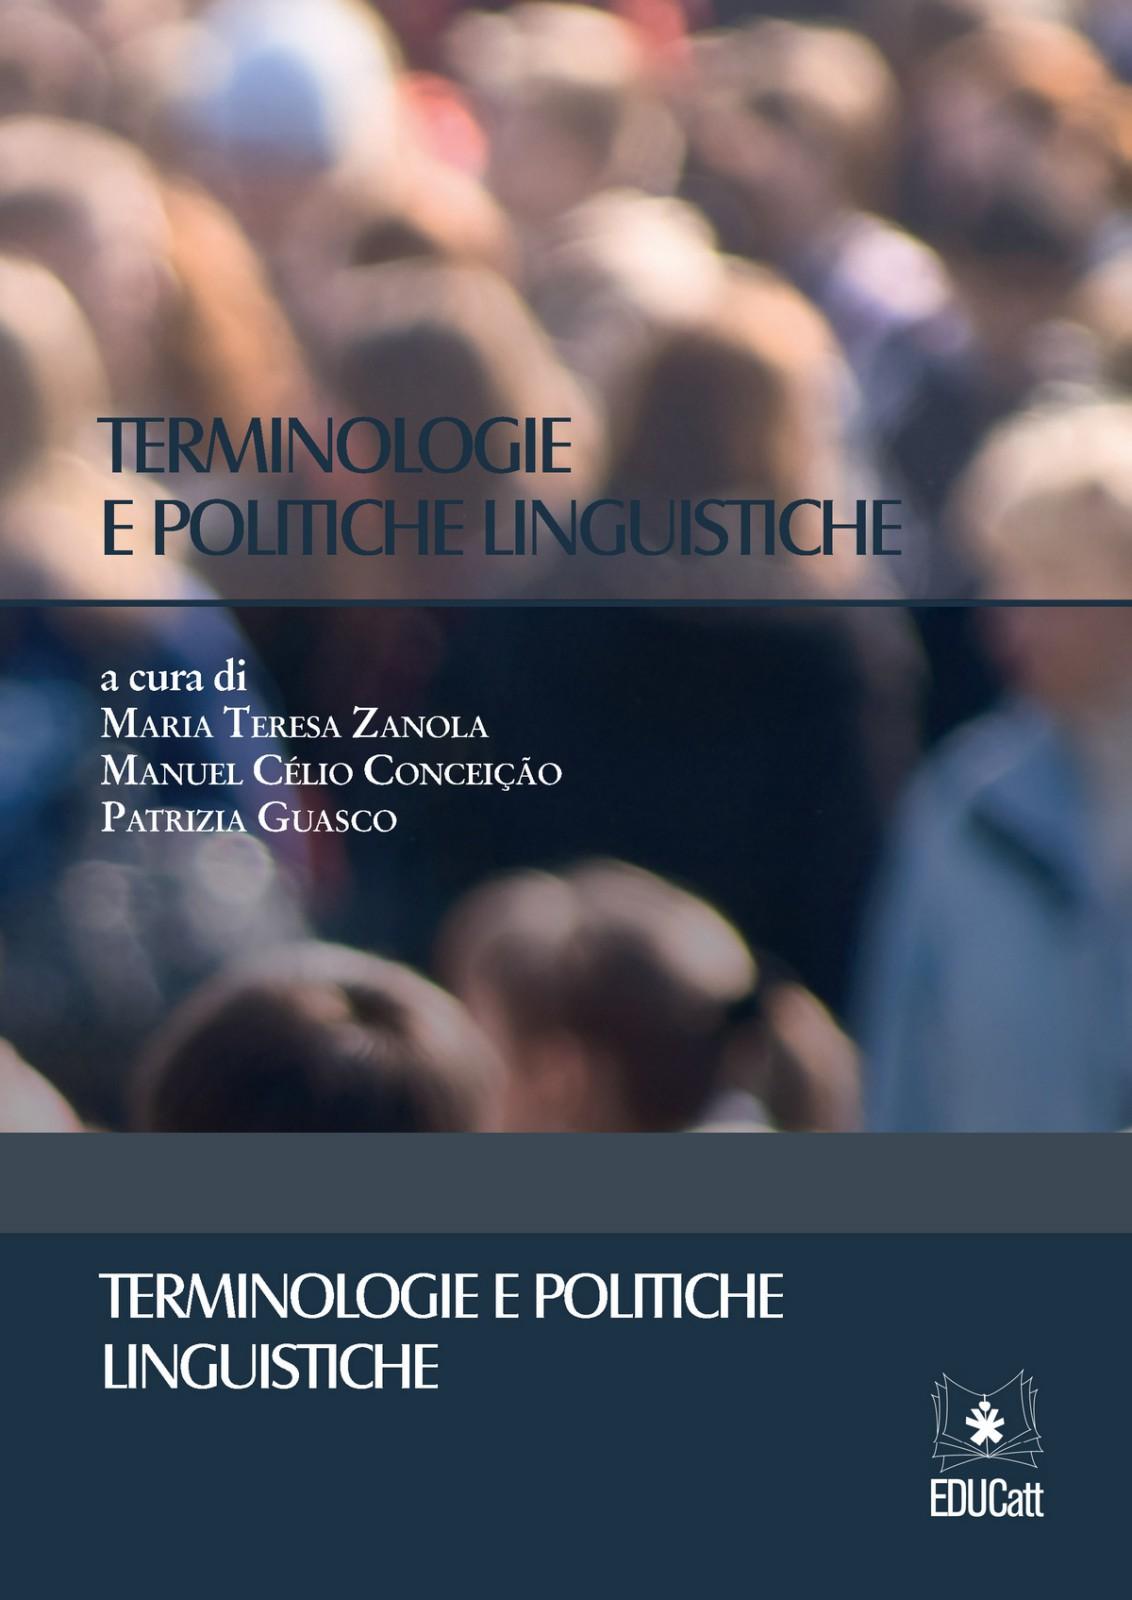 TERMINOLOGIE E POLITICHE LINGUISTICHE